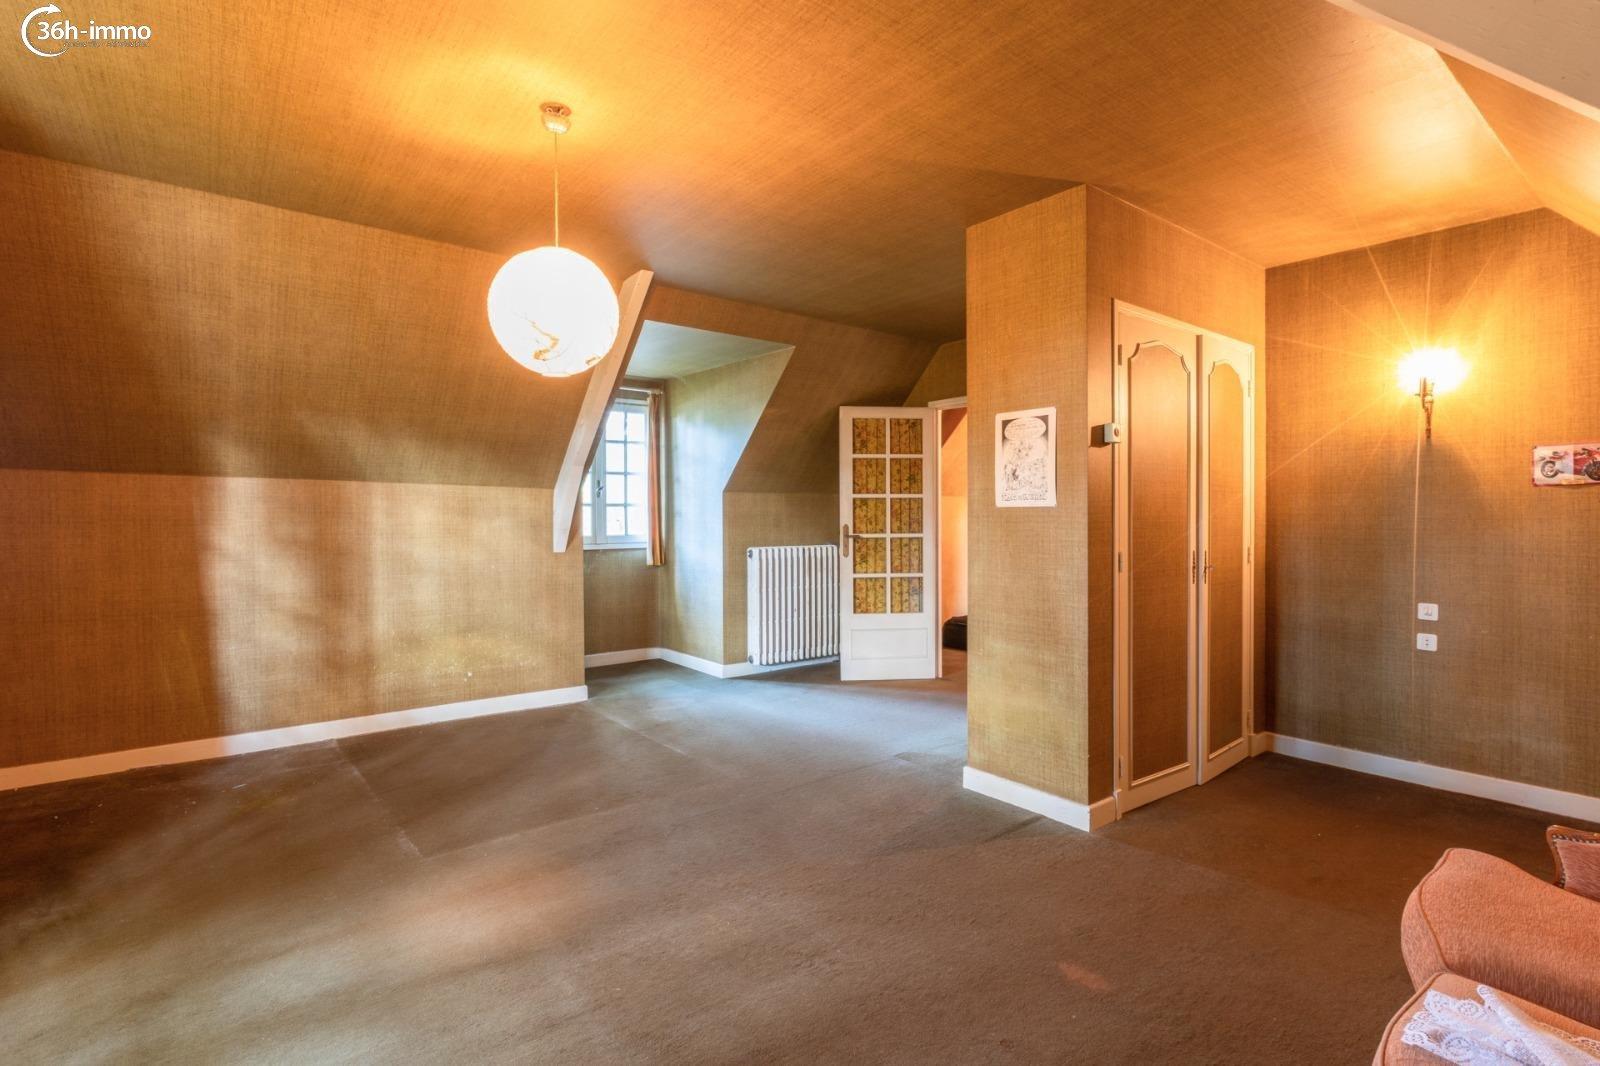 Maison Brive-la-Gaillarde 19100 Correze 142 m<sup>2</sup> 5 pi&eagrave;ces 130000 euros